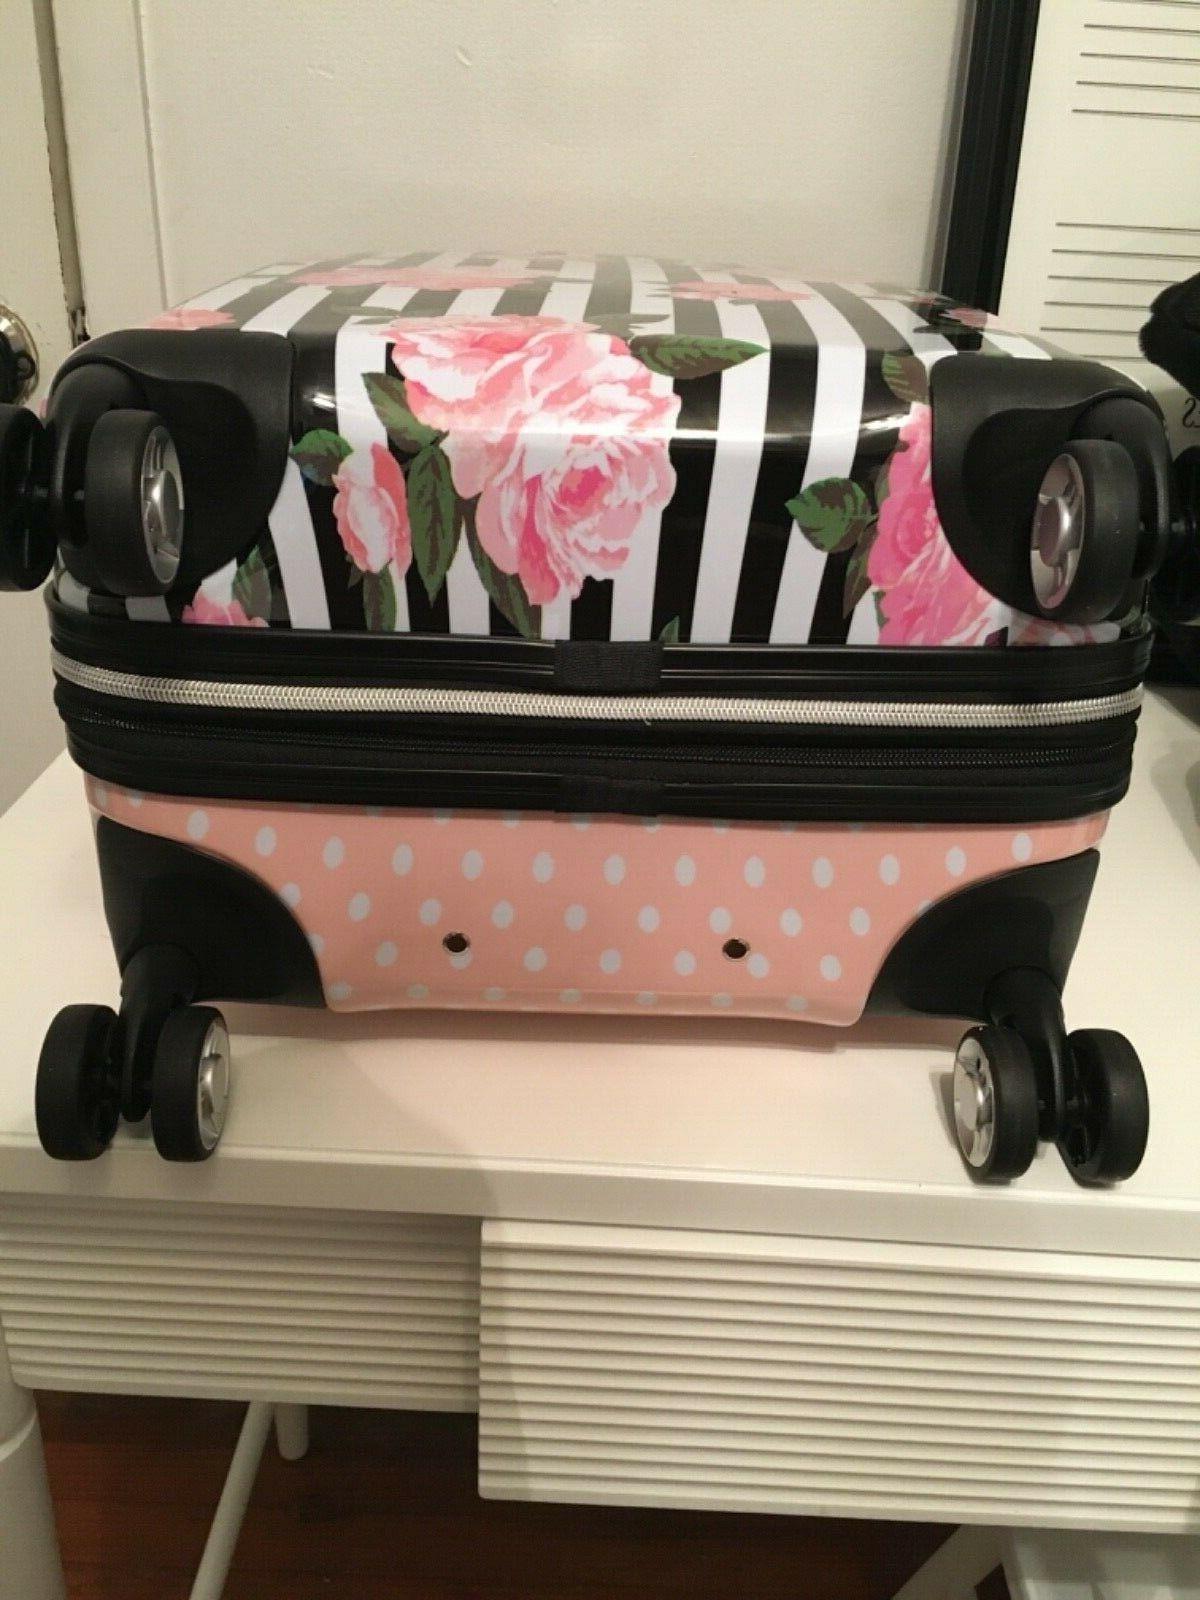 NWT Pink Rose Hardside White Luggage